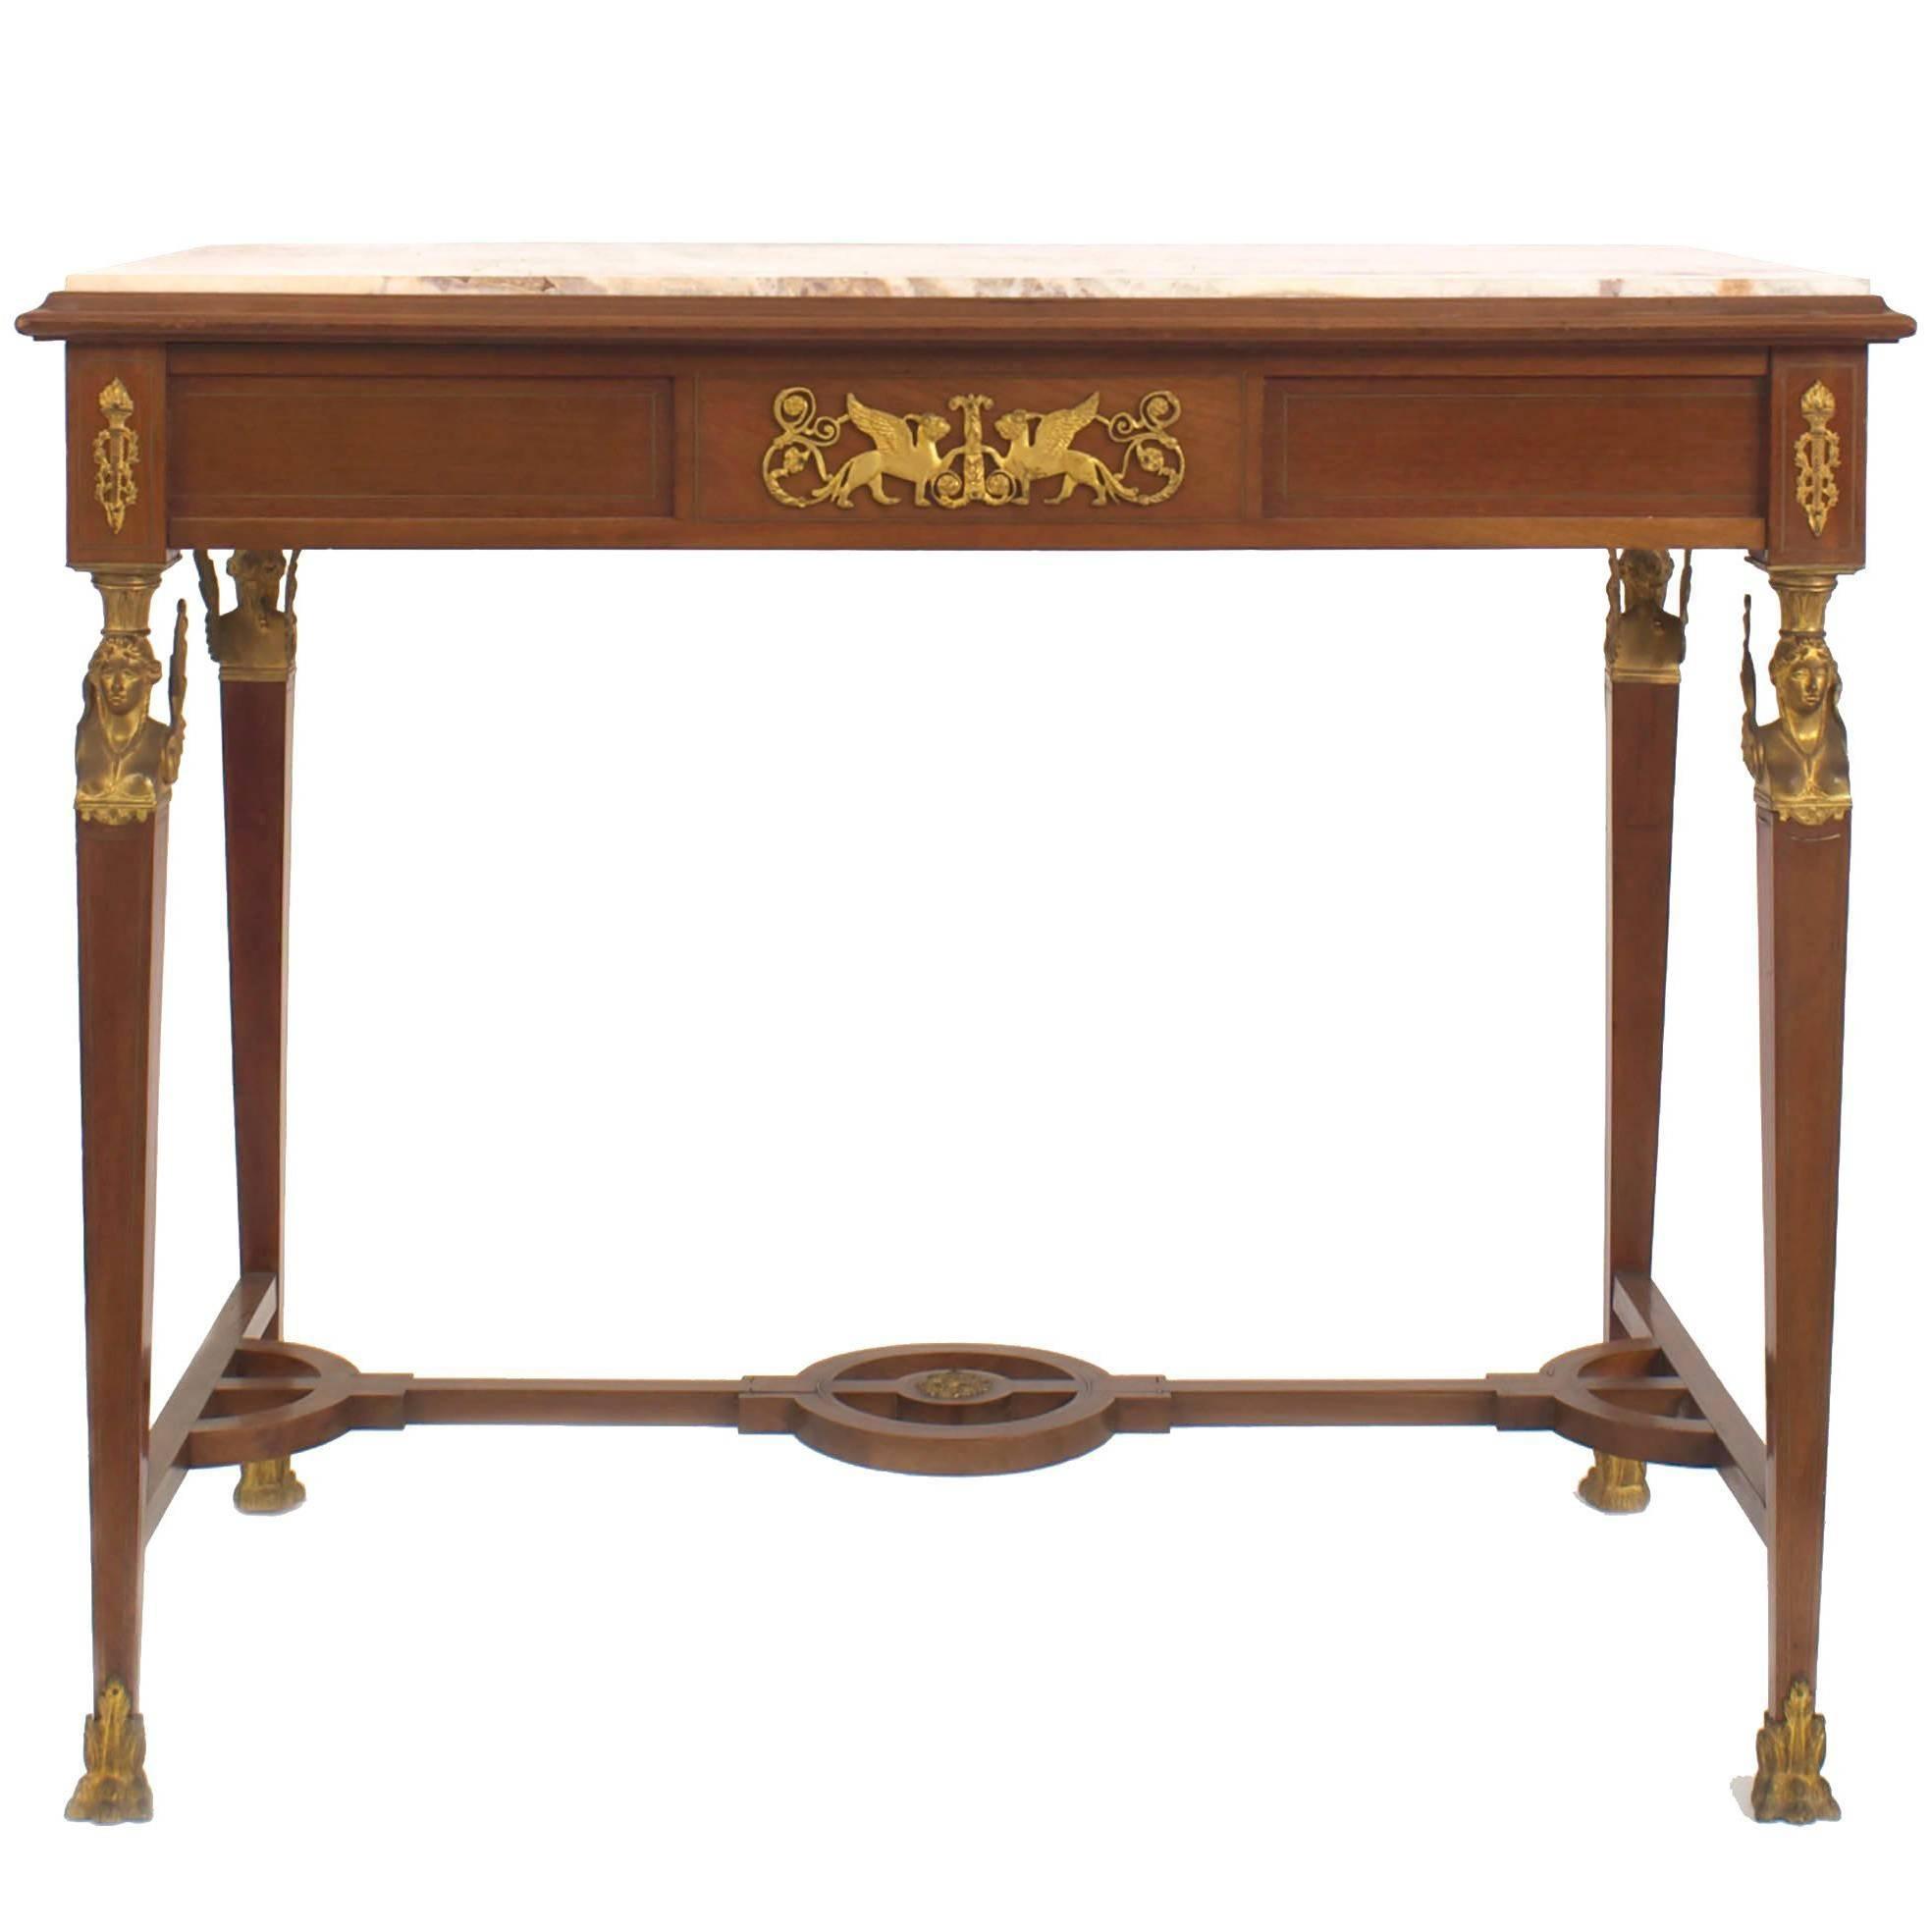 French Empire Style Mahogany Center Table